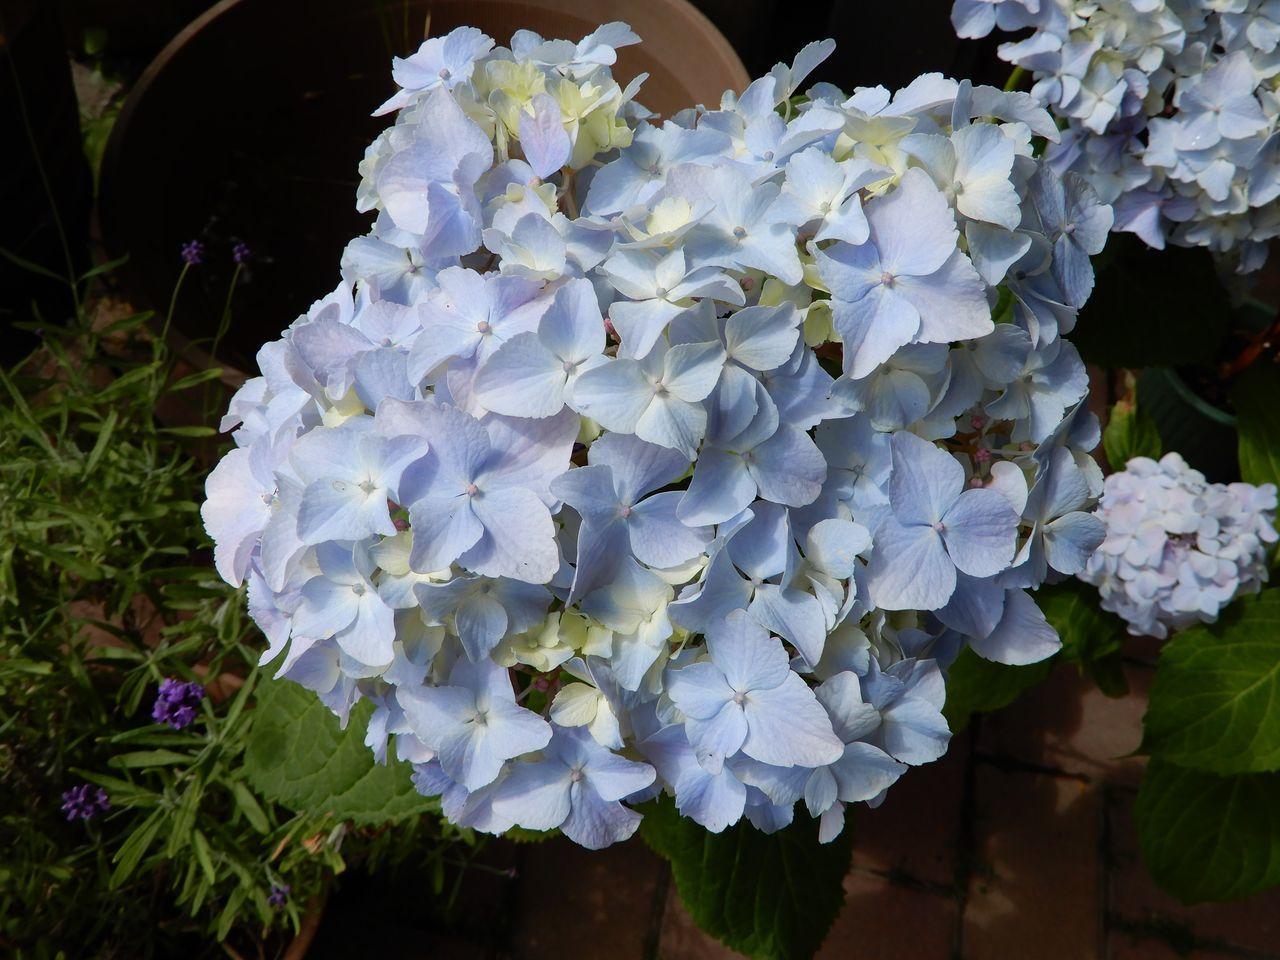 シモツケが咲き始める「小暑・温風至」_c0025115_22422386.jpg